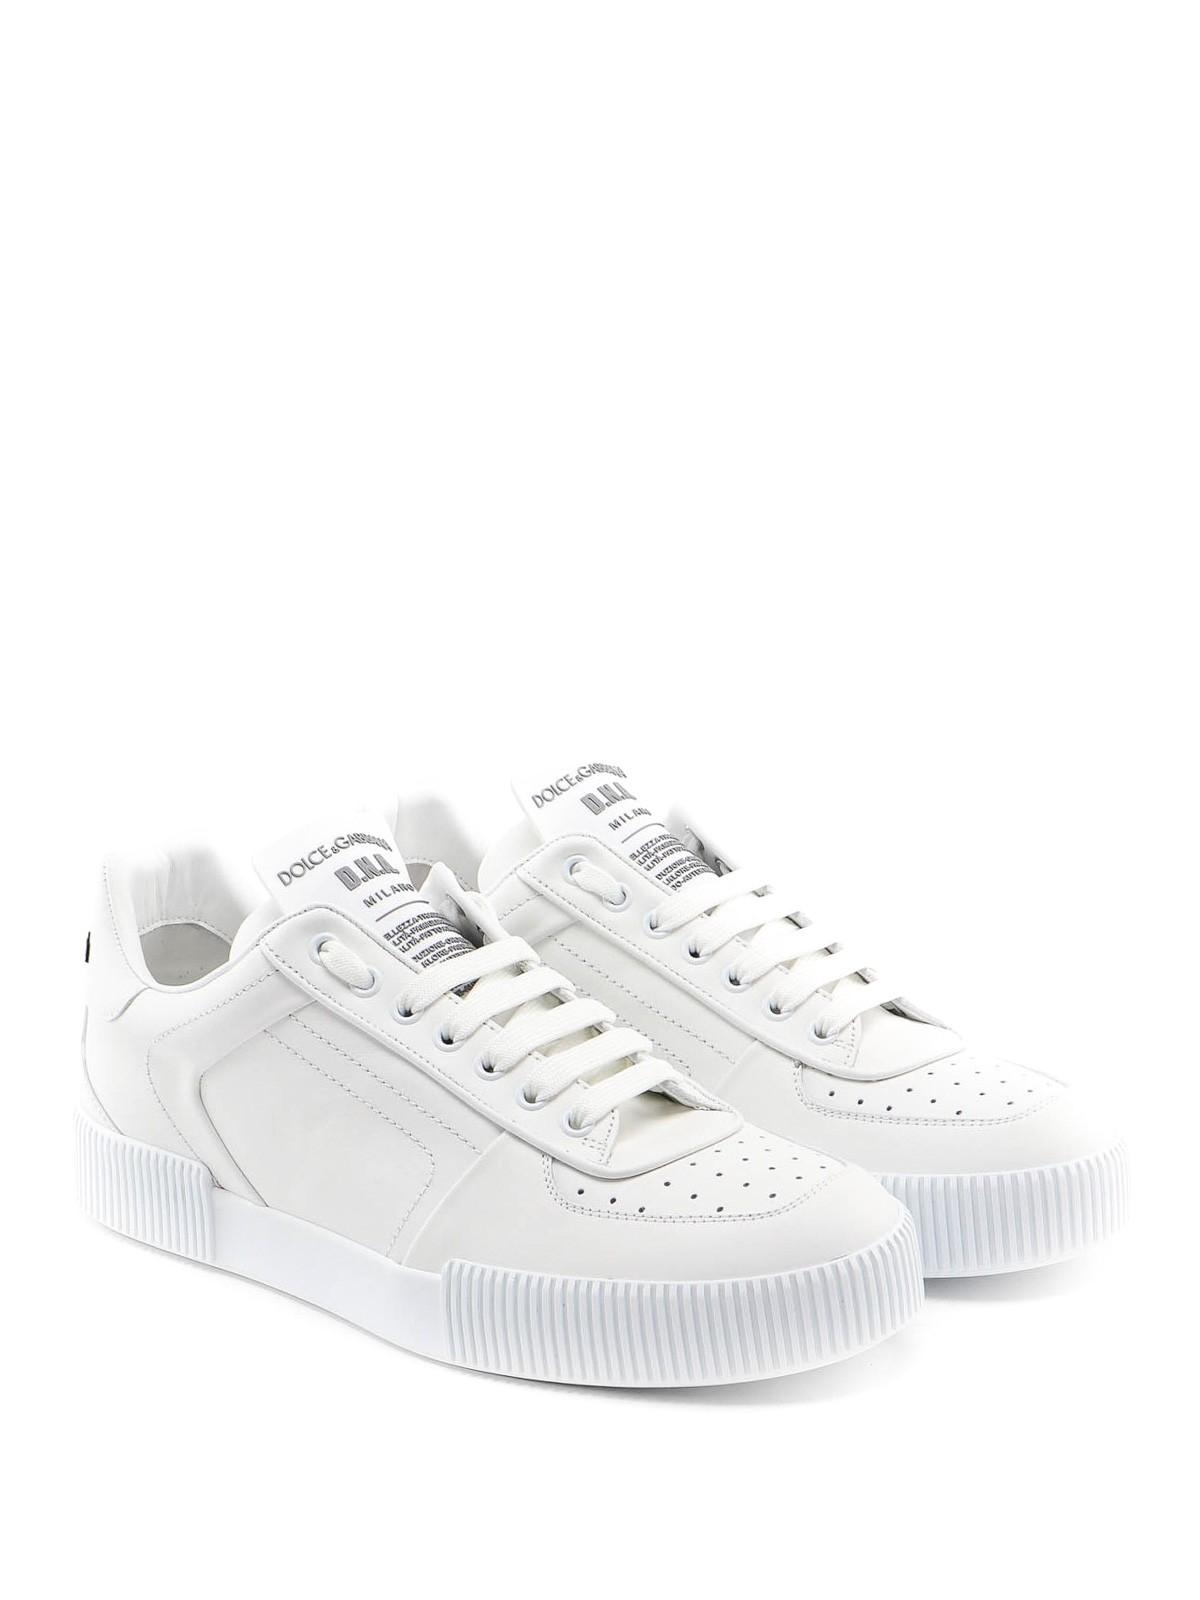 Dolce & Gabbana Sneakers Miami